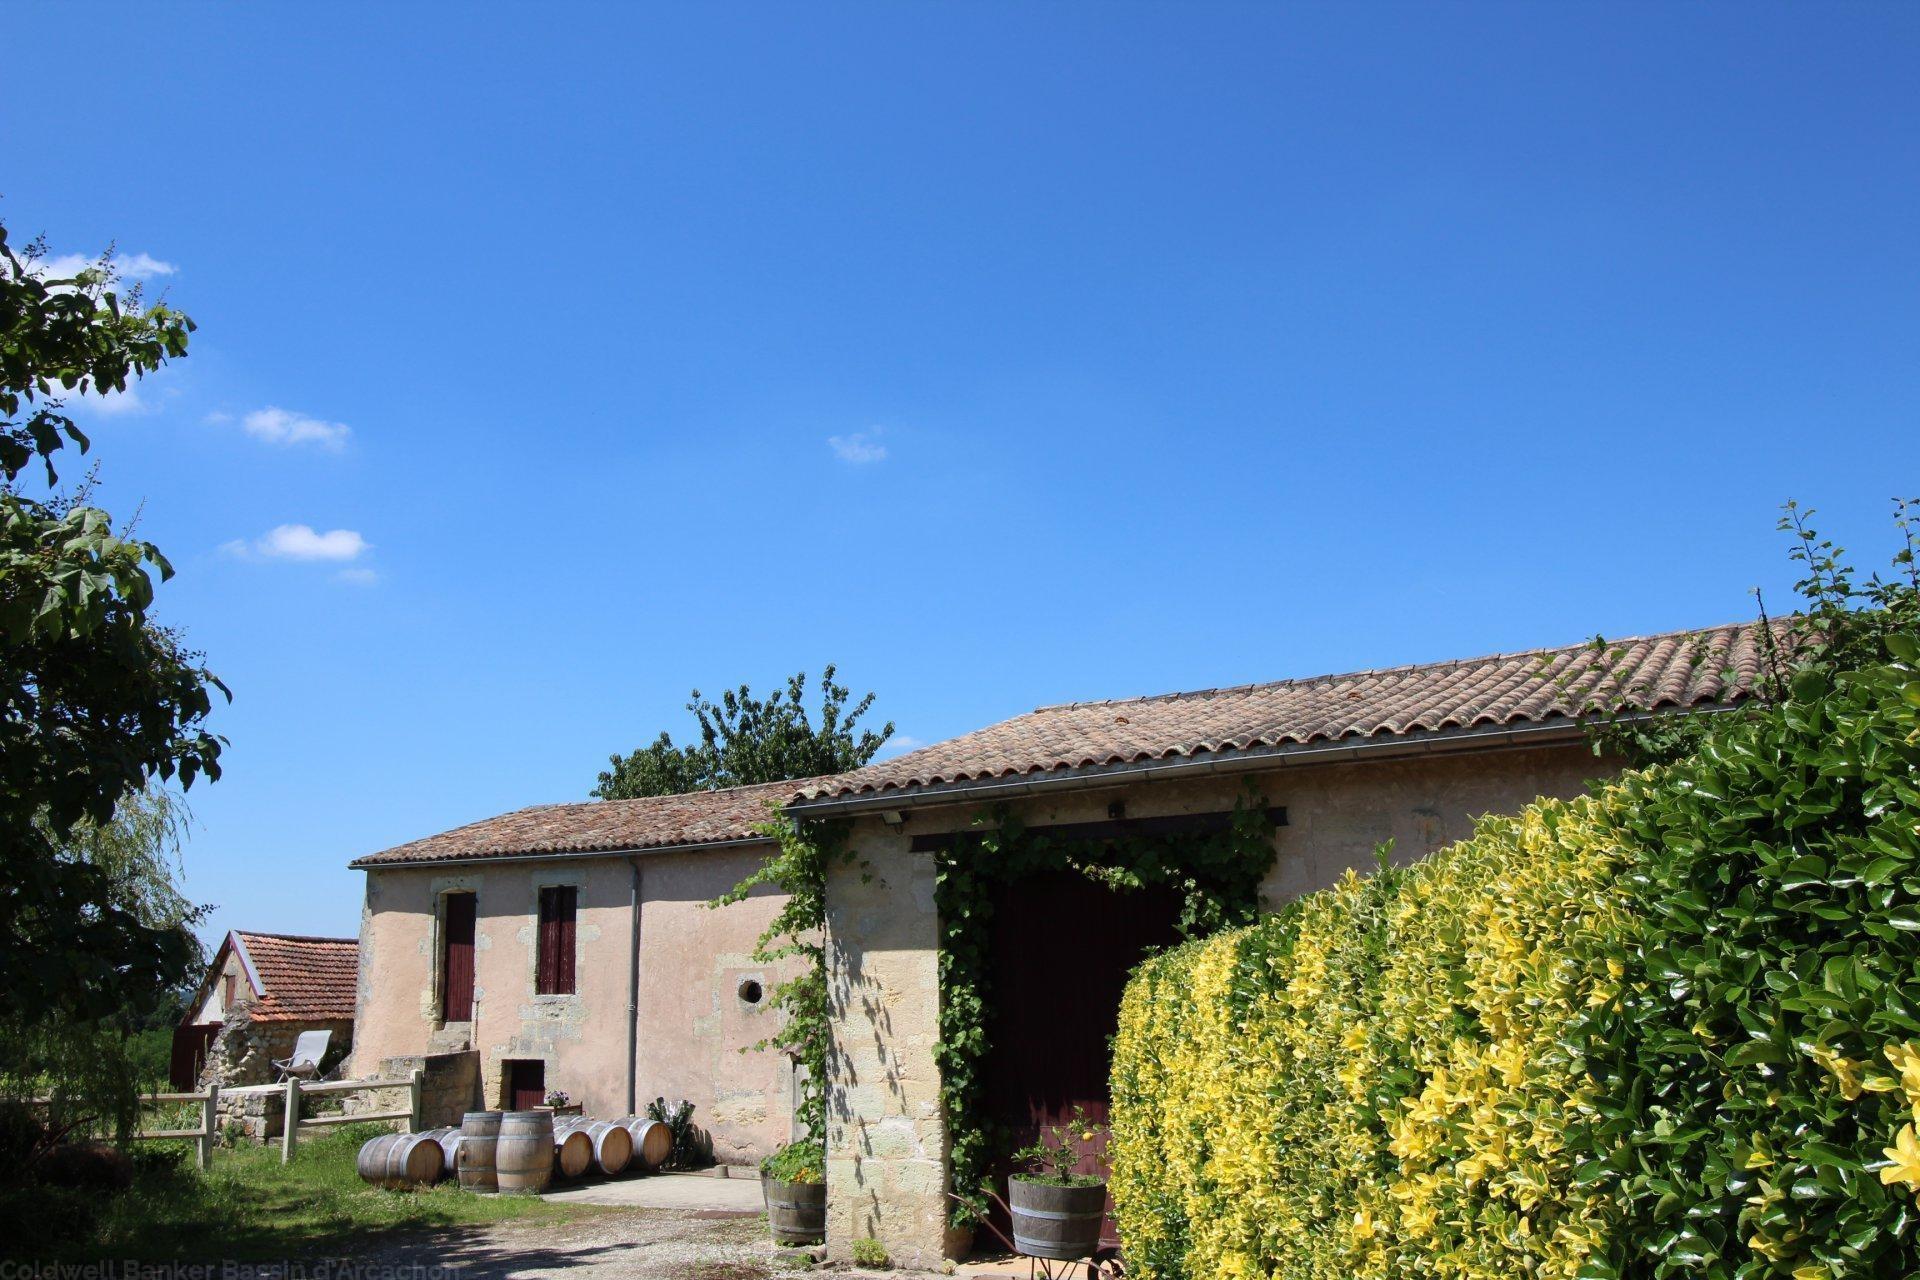 Vente propriété viticole en blayais saint ciers de canesse